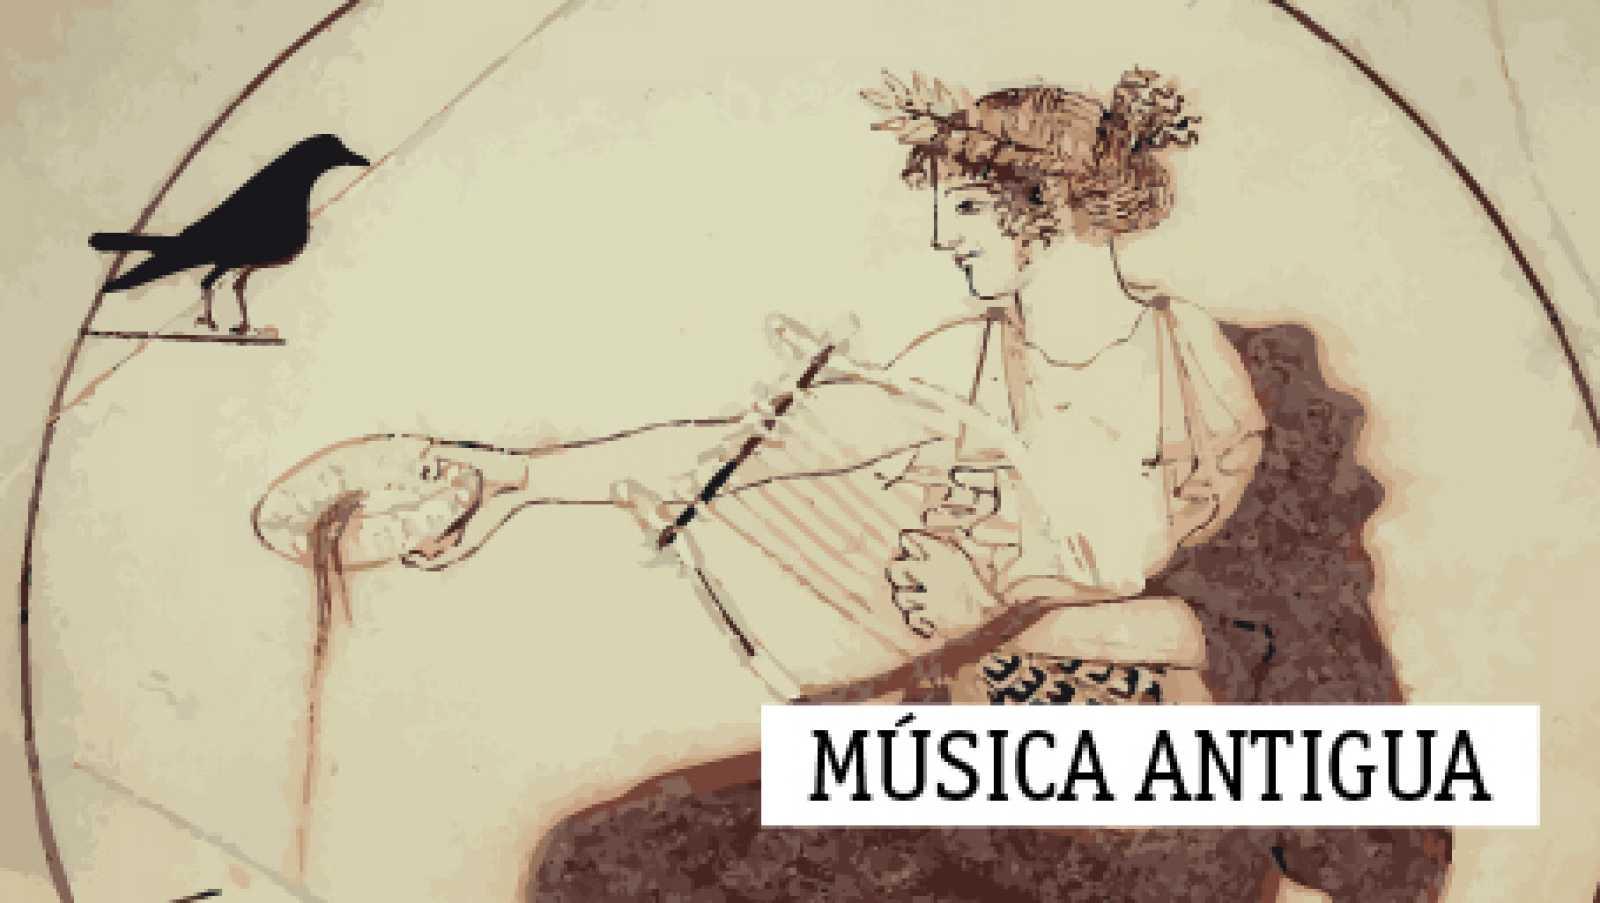 Música antigua - Alexander Agrícola - 12/02/19 - escuchar ahora